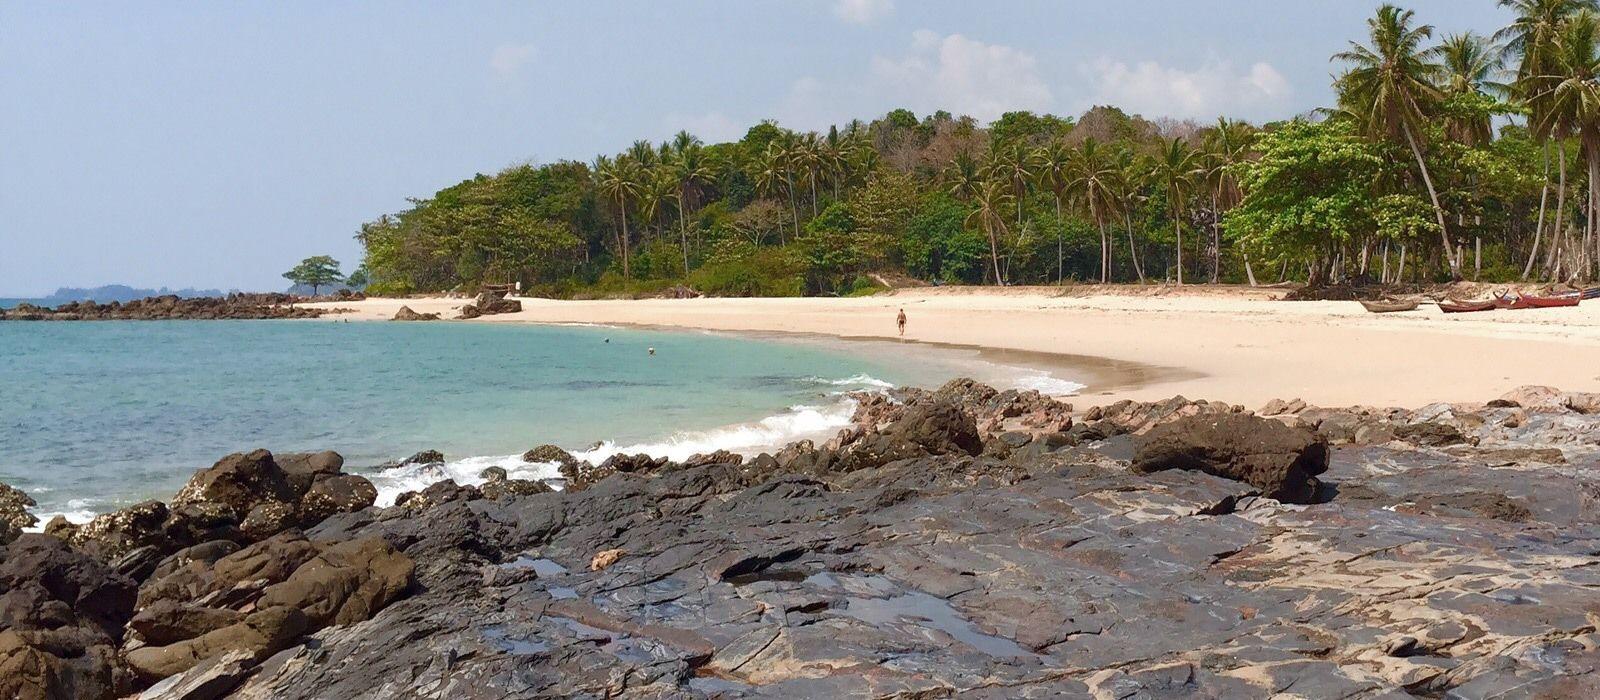 Thailand Badeurlaub: Inselvielfalt und Traumstrände Urlaub 3